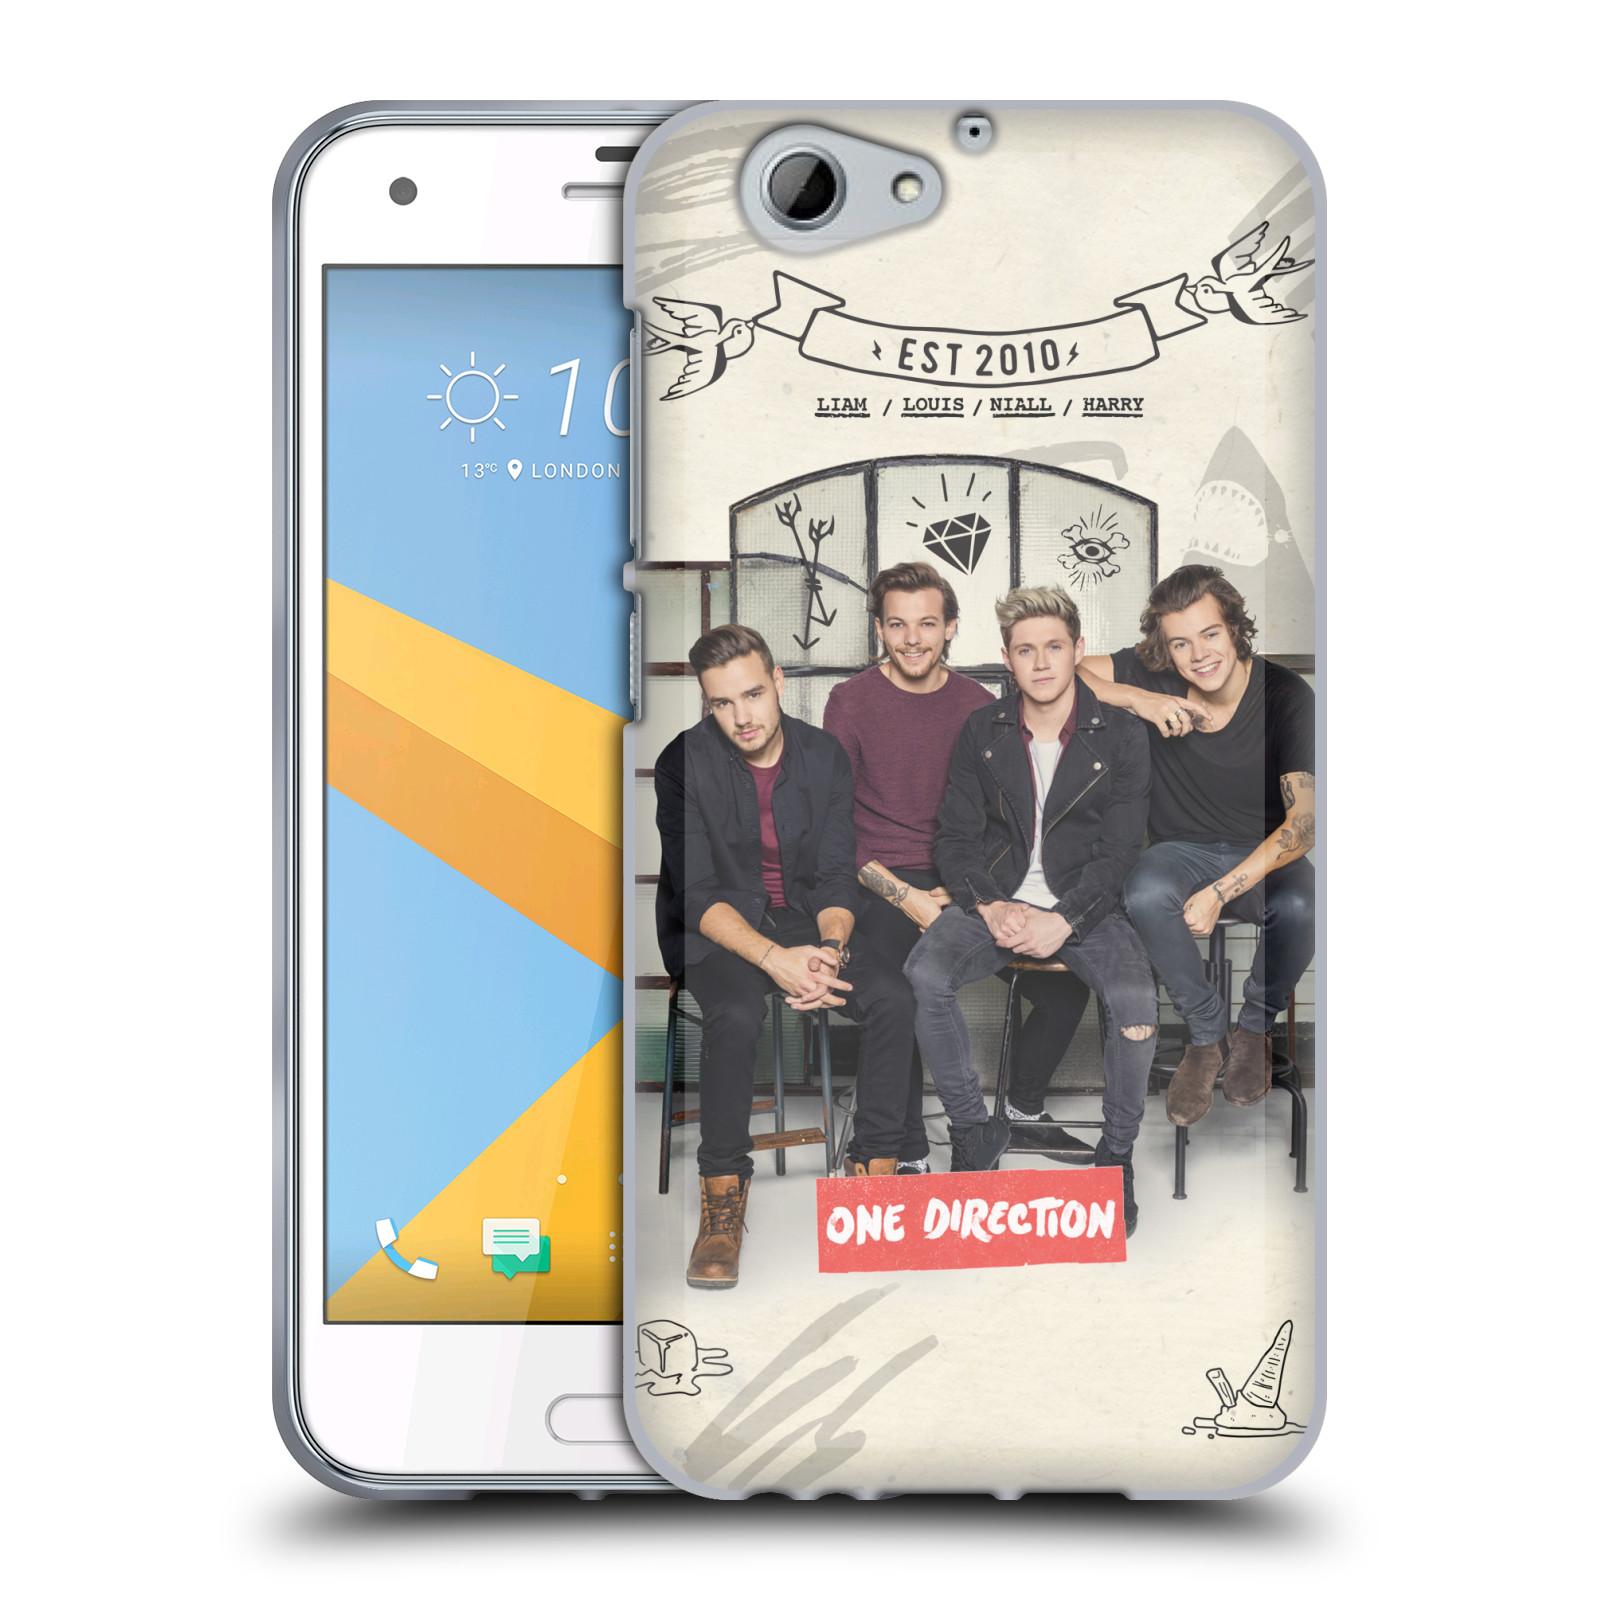 Silikonové pouzdro na mobil HTC One A9s Head Case - One Direction - EST 2010 (Silikonový kryt či obal One Direction Official na mobilní telefon HTC One A9s (A9 s))